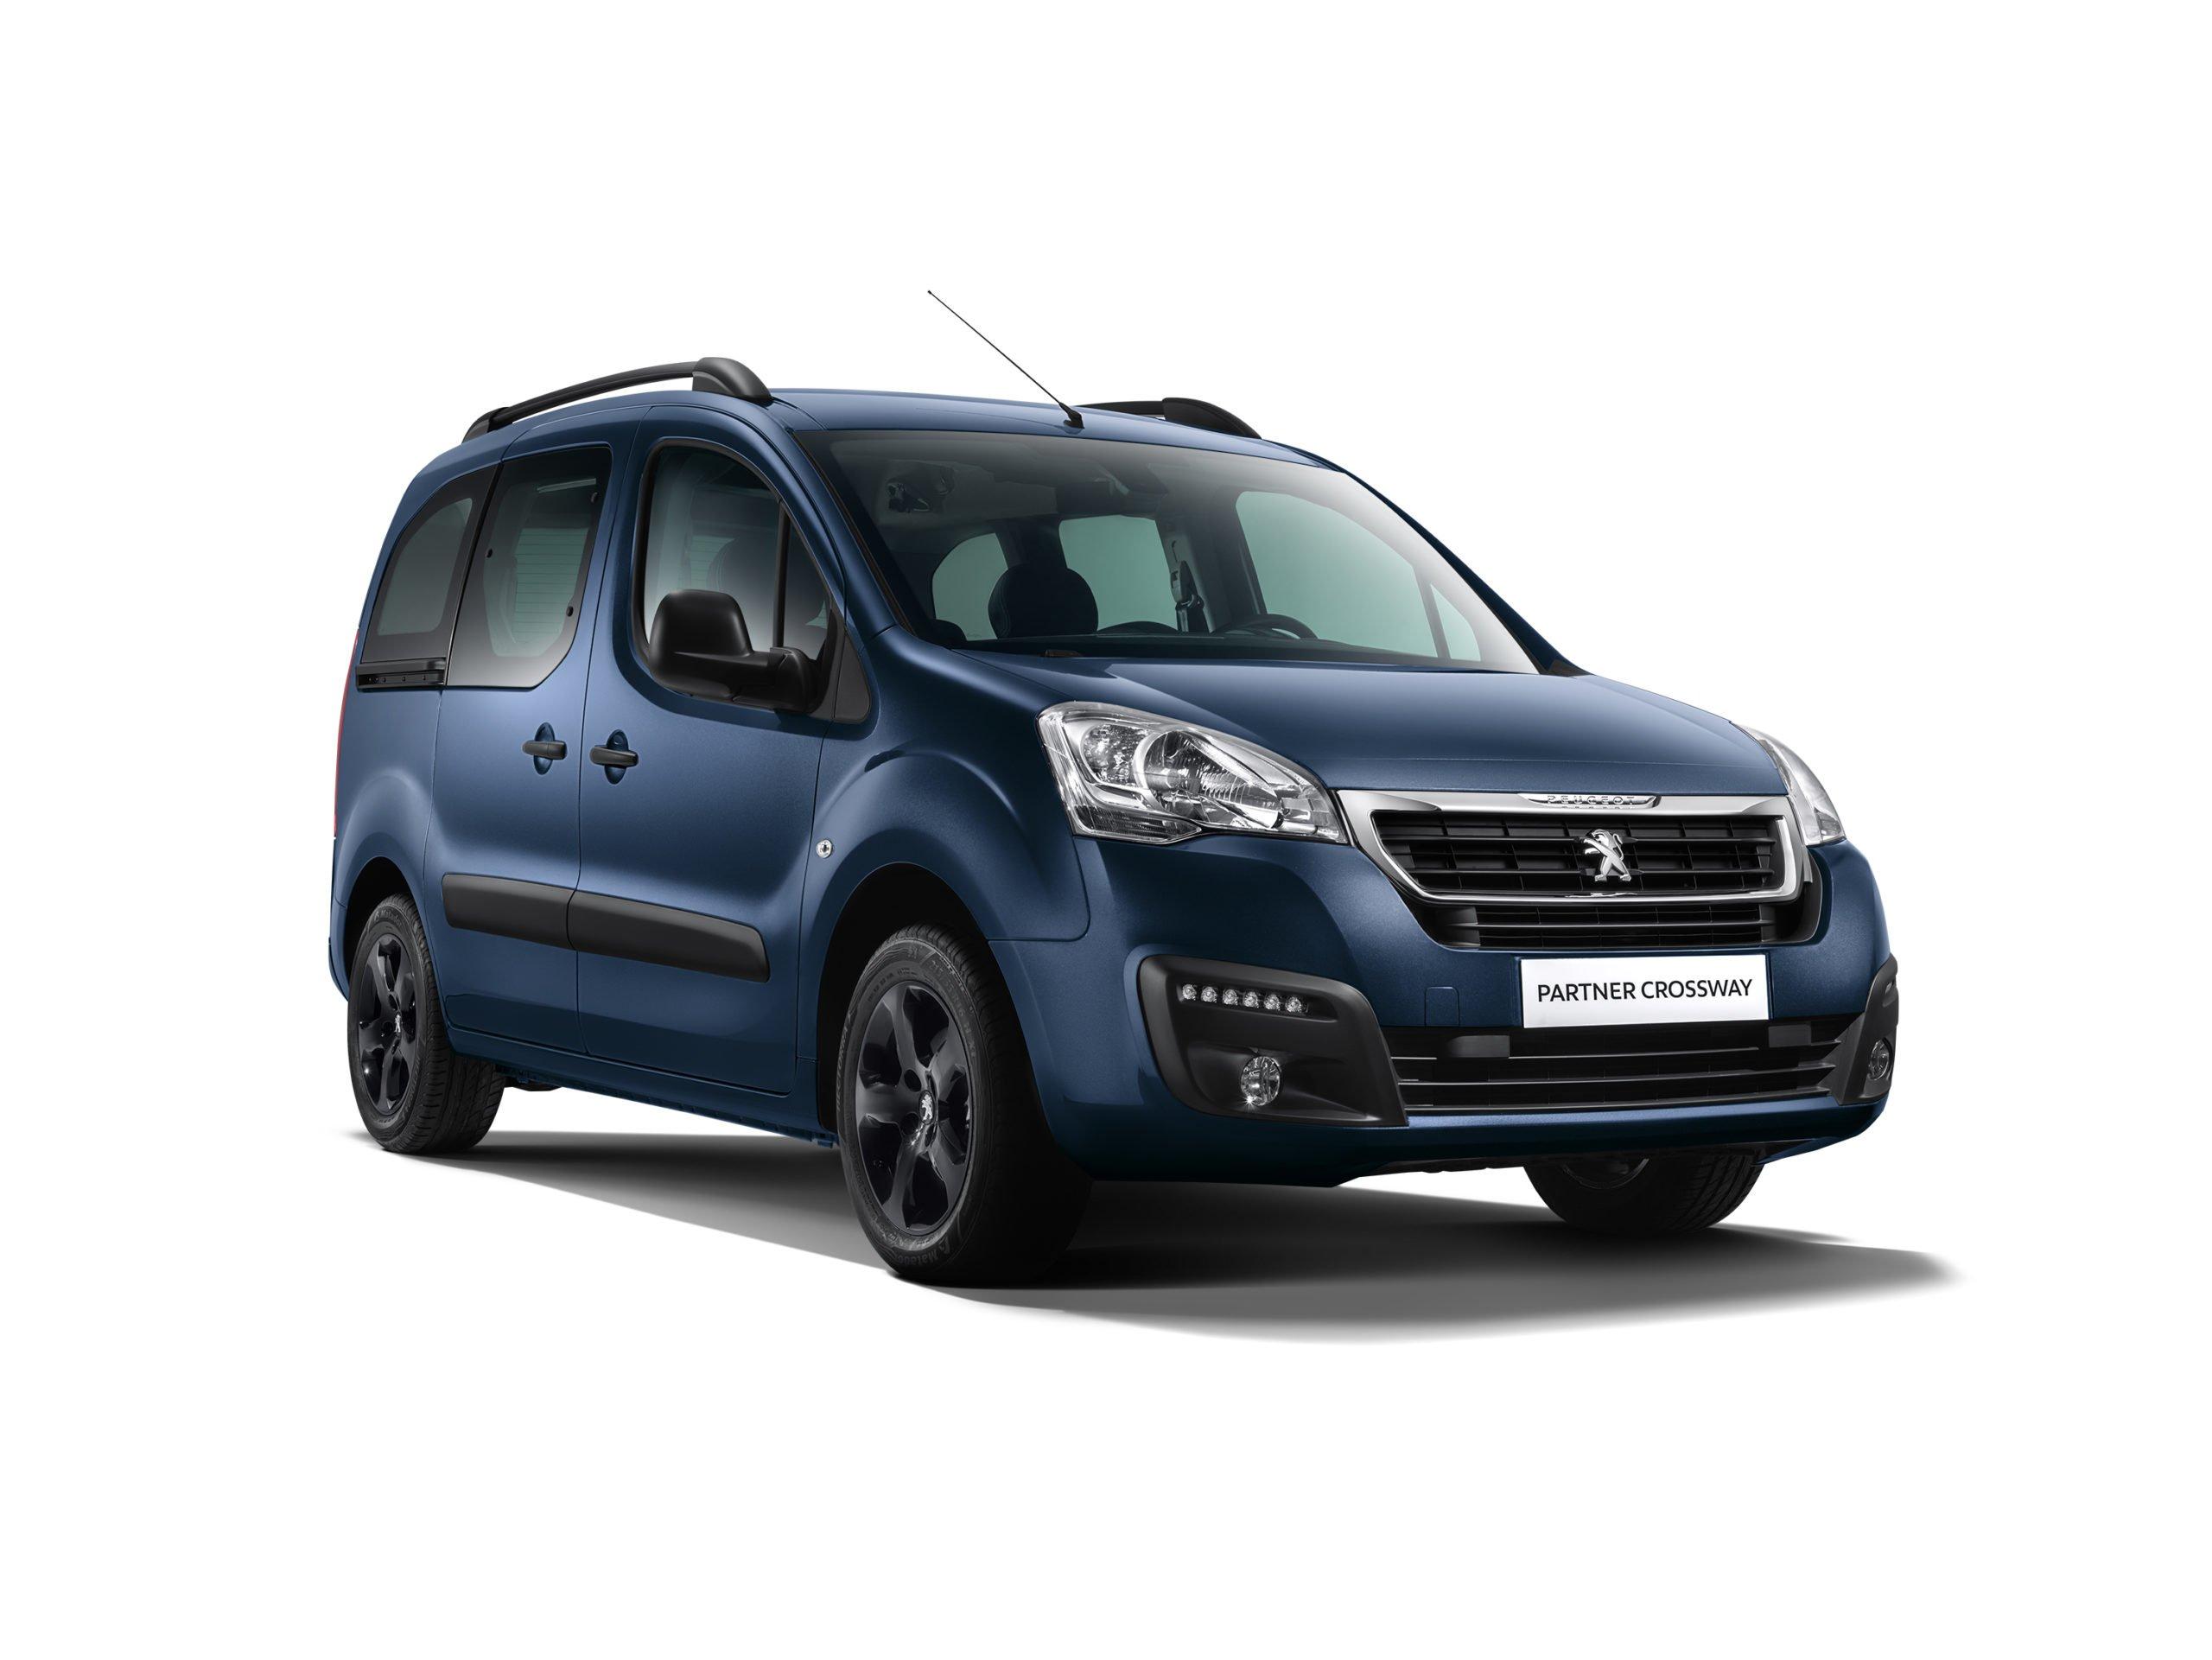 Стартовал приём заказов на новый компактвэн Peugeot Partner Crossway для России